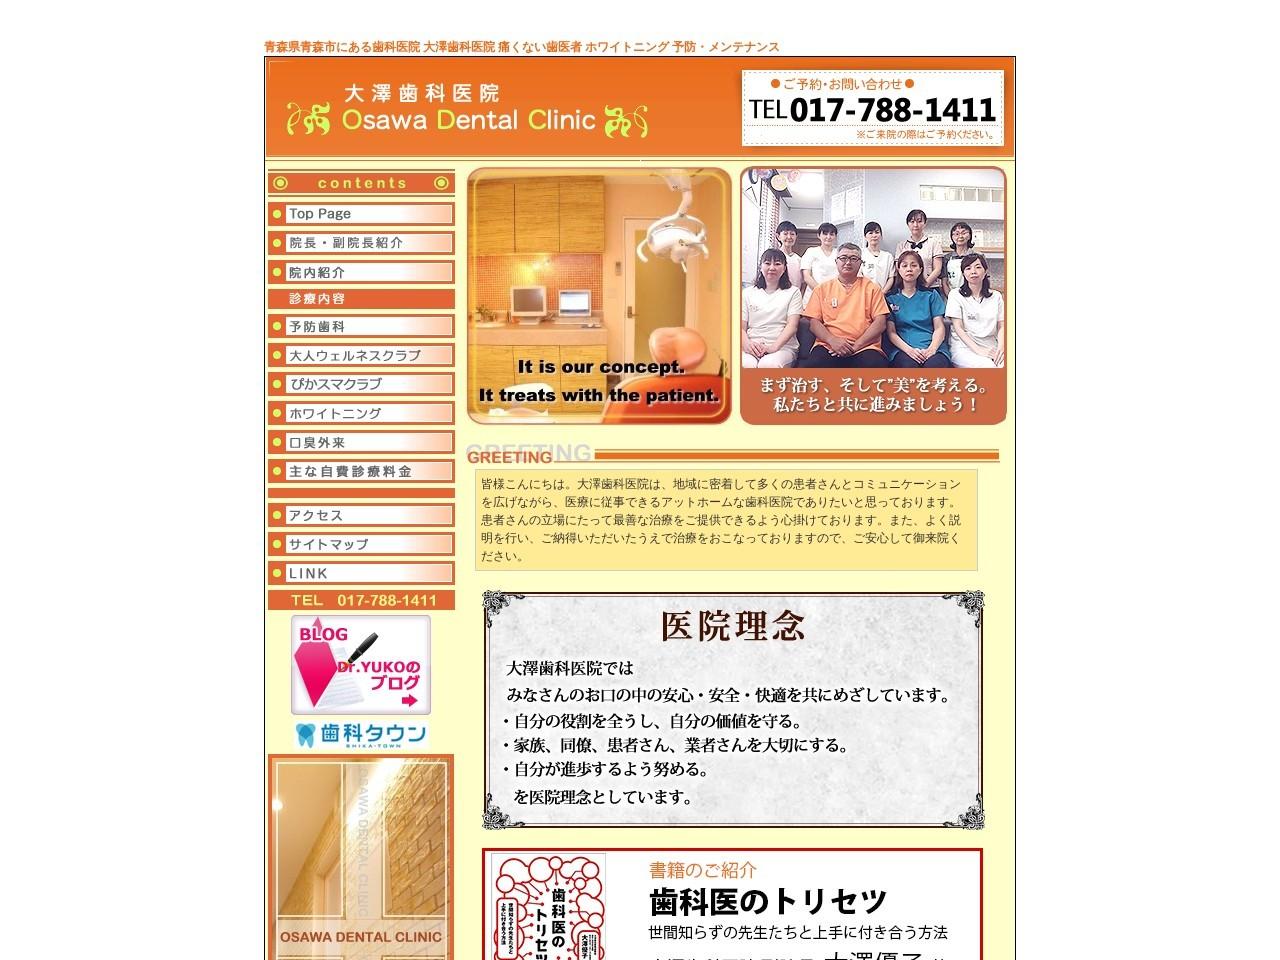 大澤歯科医院 (青森県青森市)